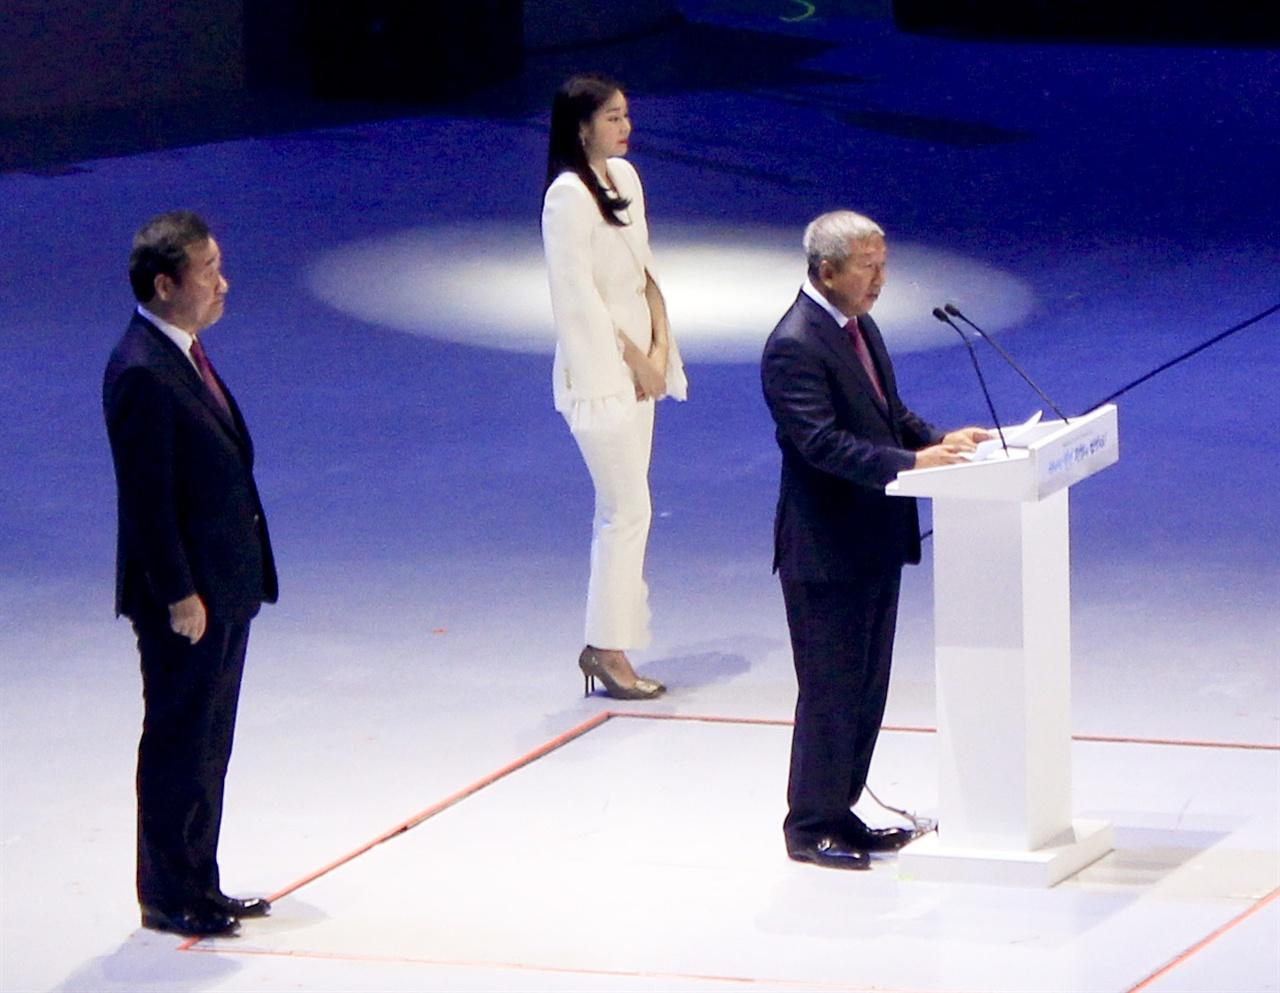 세르미앙 응 IOC 재정분과위원장이 평창 동계올림픽 1주년 기념 대축제에서 축사하고 있다. 뒤로 김연아 씨(하얀 옷)와 이낙연 총리(검은 옷)이 보인다.